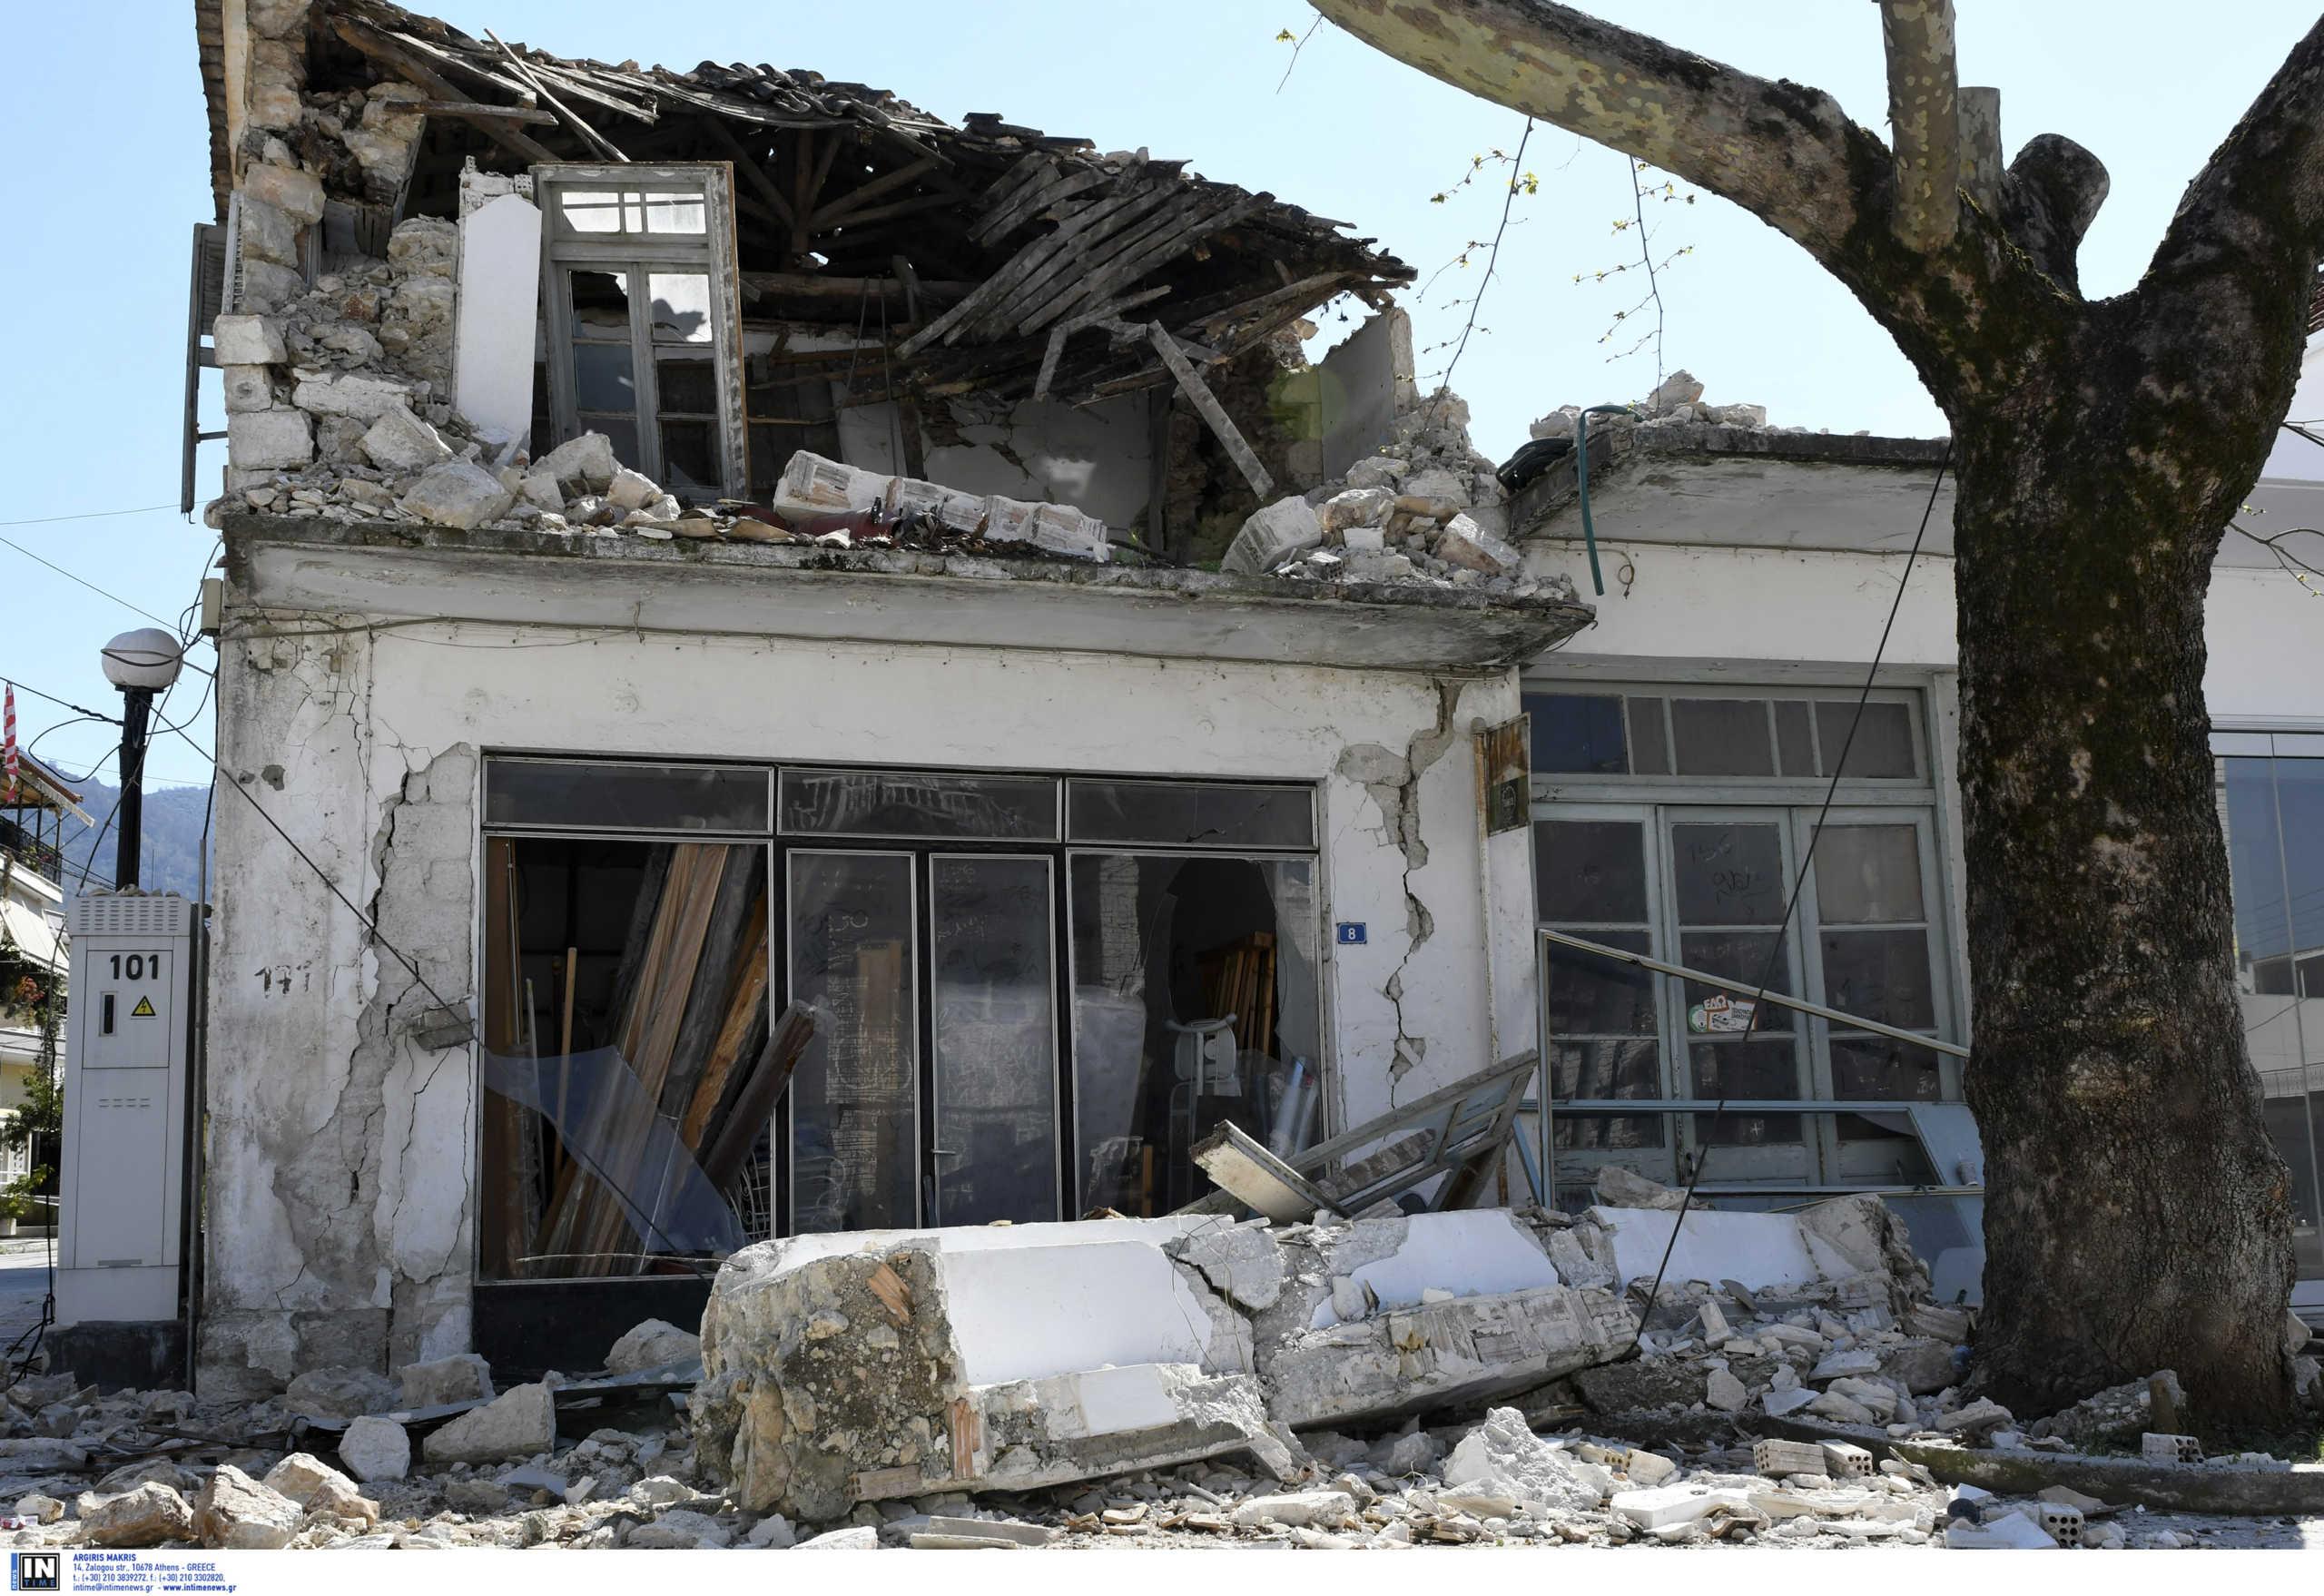 Σεισμός 5,6 Ρίχτερ στην Πάργα: Σώθηκε από θαύμα ζευγάρι! Νέες εικόνες καταστροφής (Φωτό)